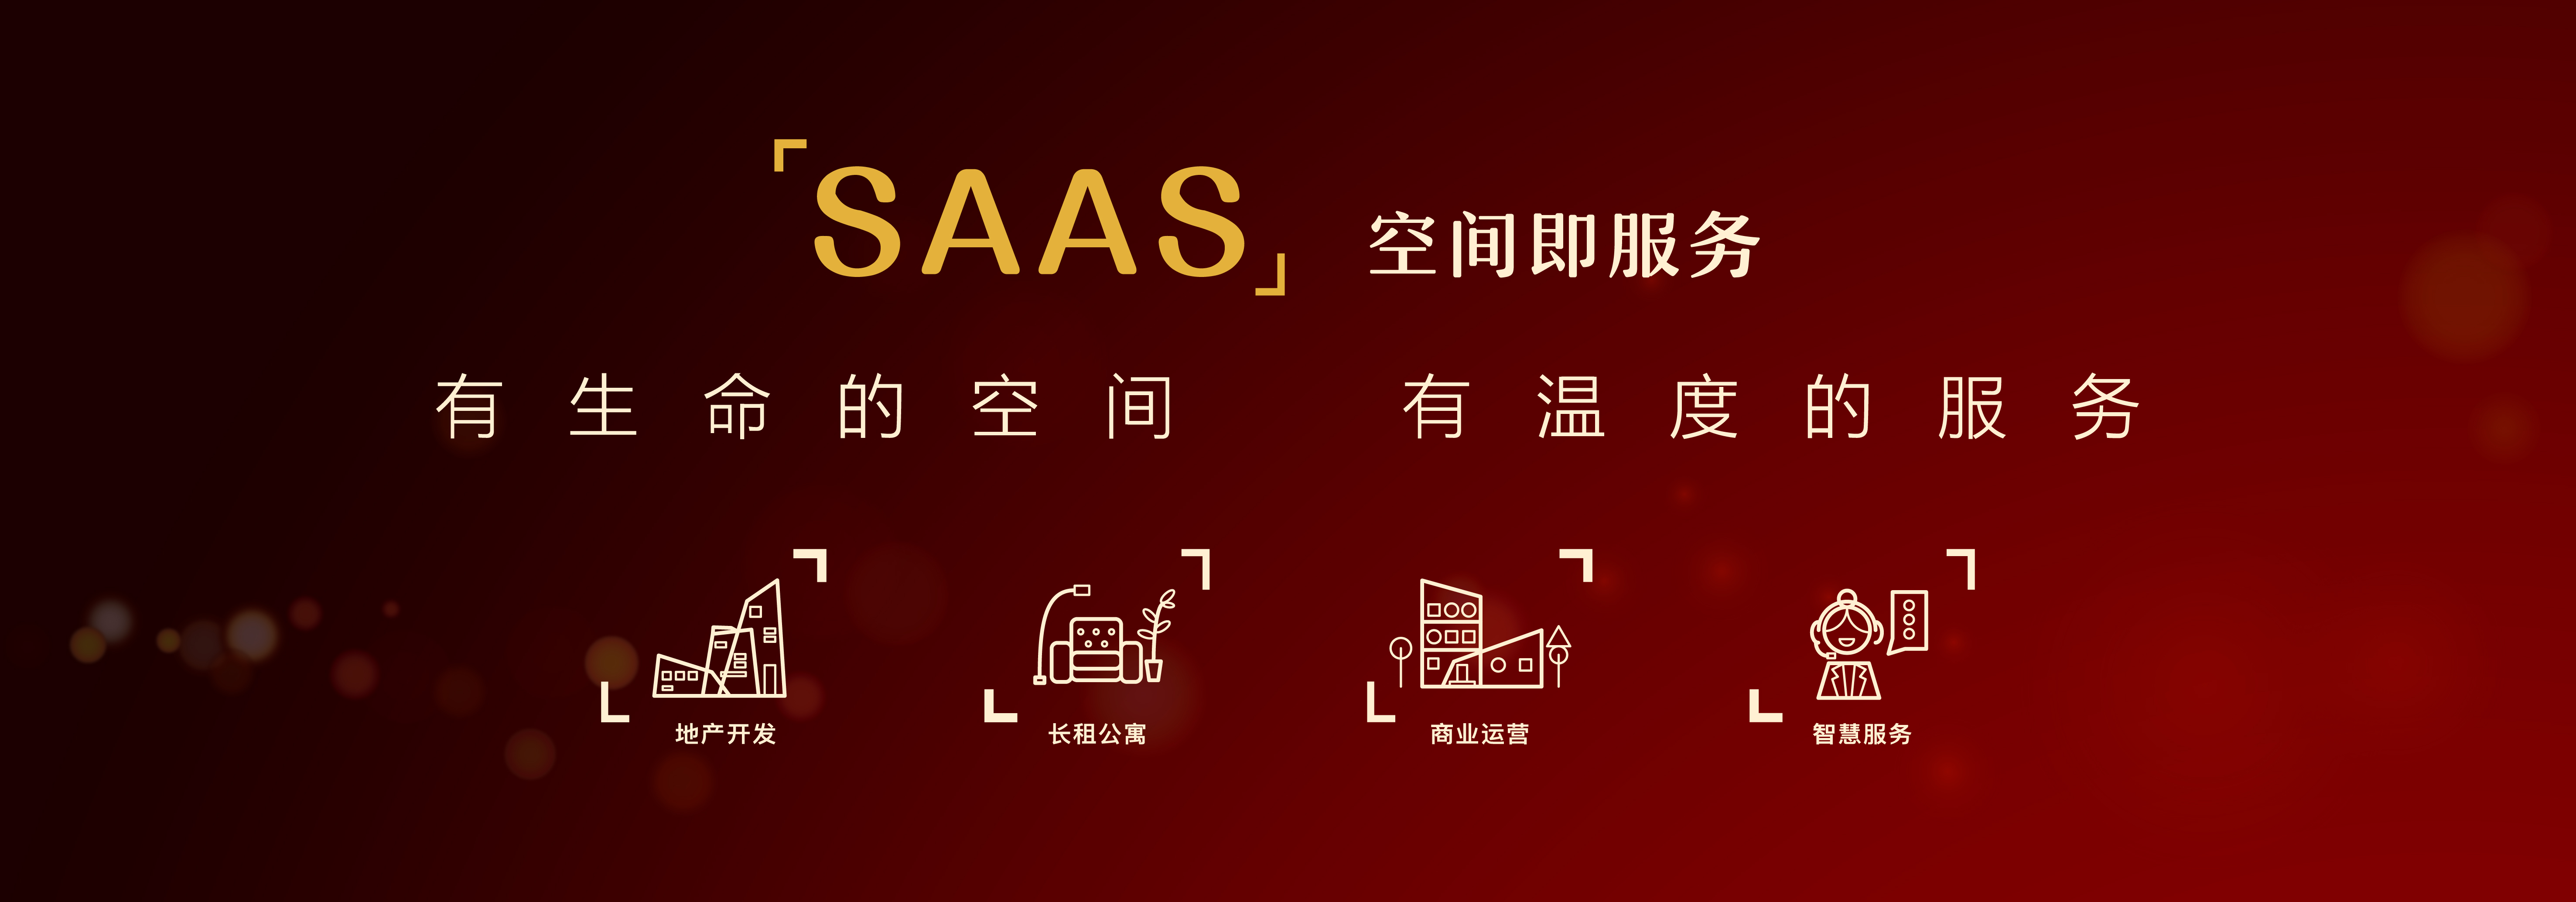 SAAS空间服务.jpg